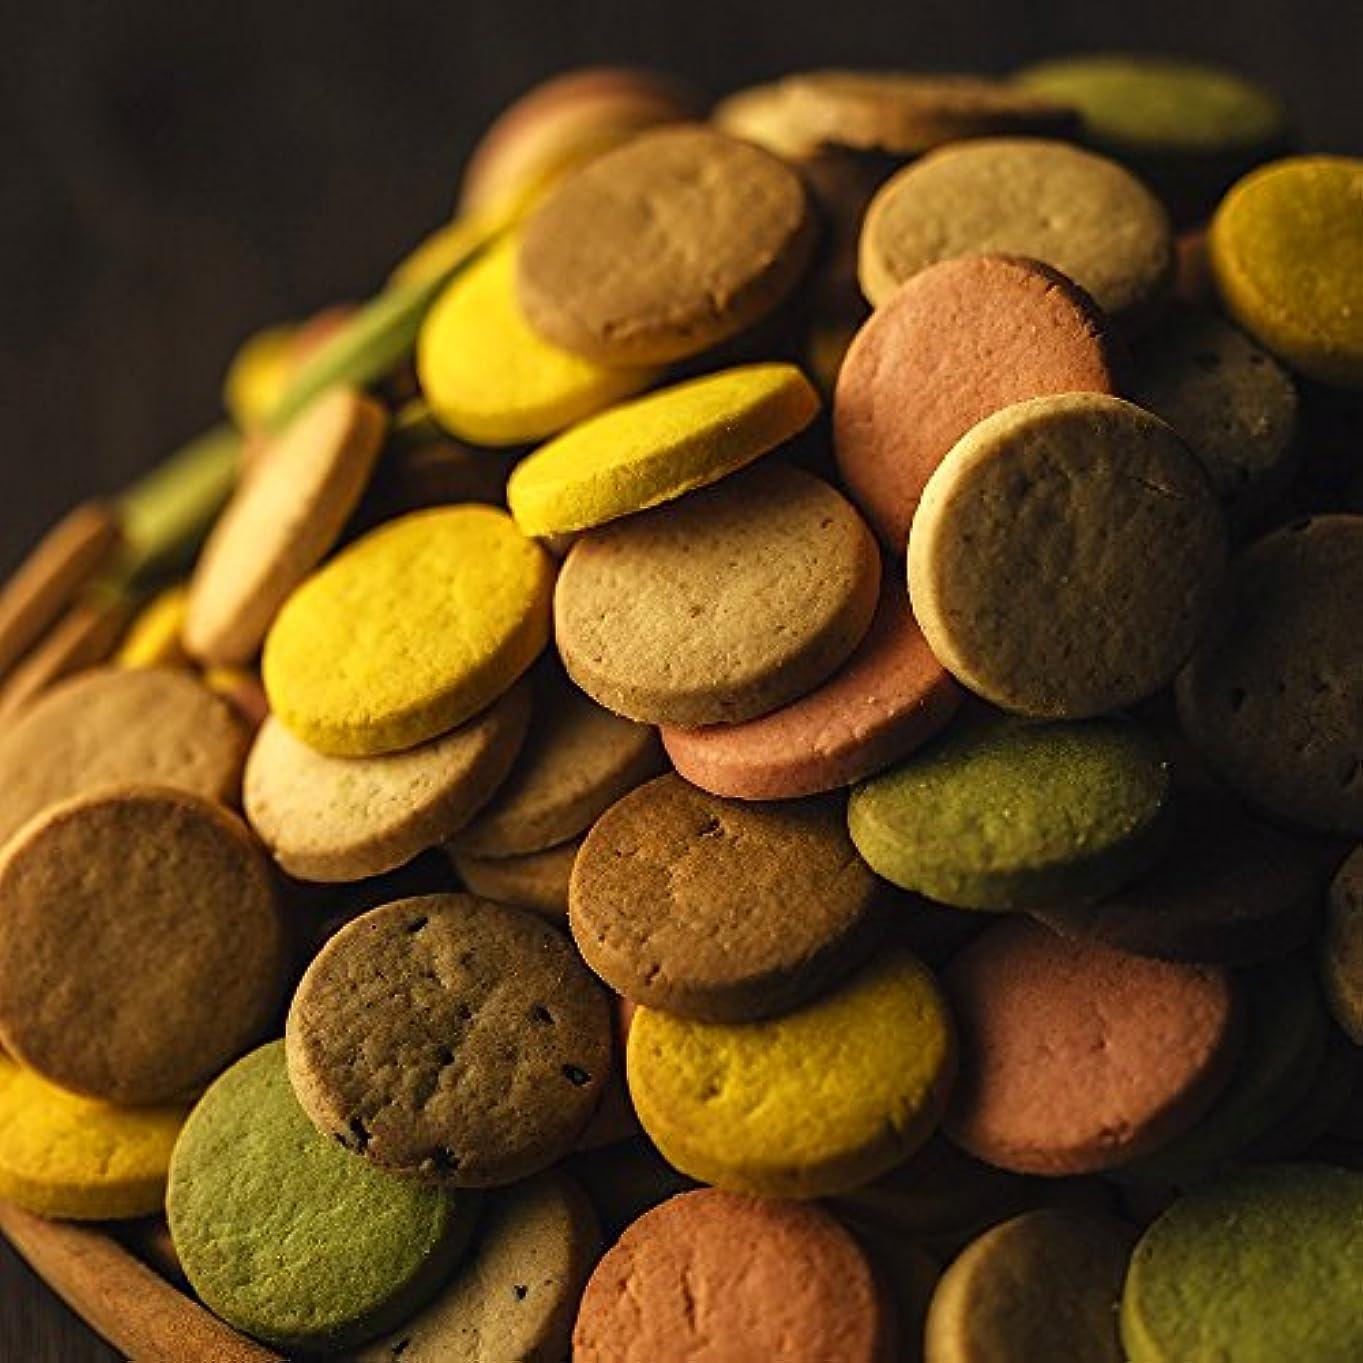 豆乳おからクッキー蒟蒻マンナン入り 3kg